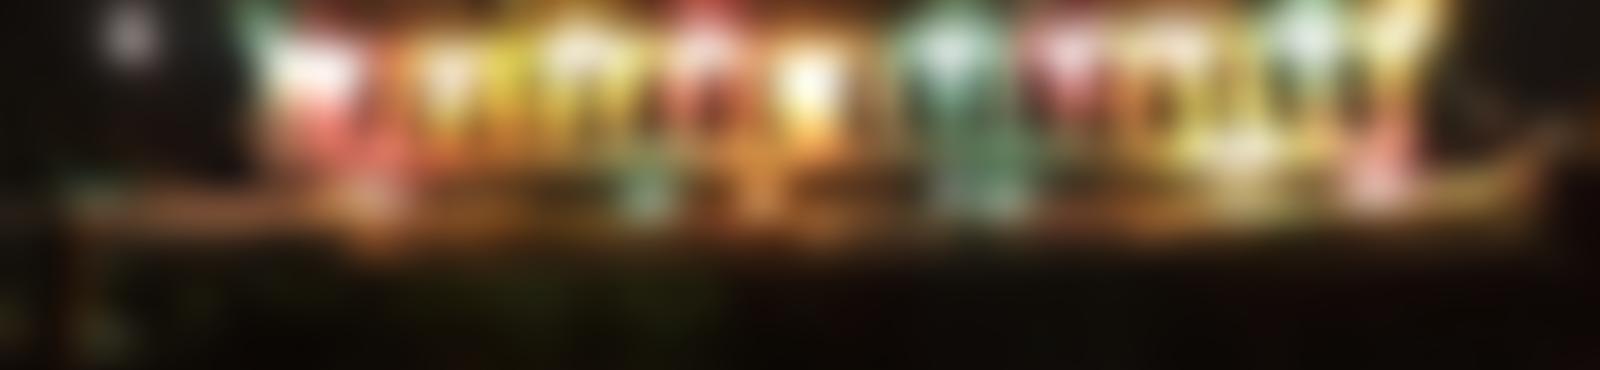 Blurred b1dabd3d 7ceb 419d 83c8 edf54c8501e7